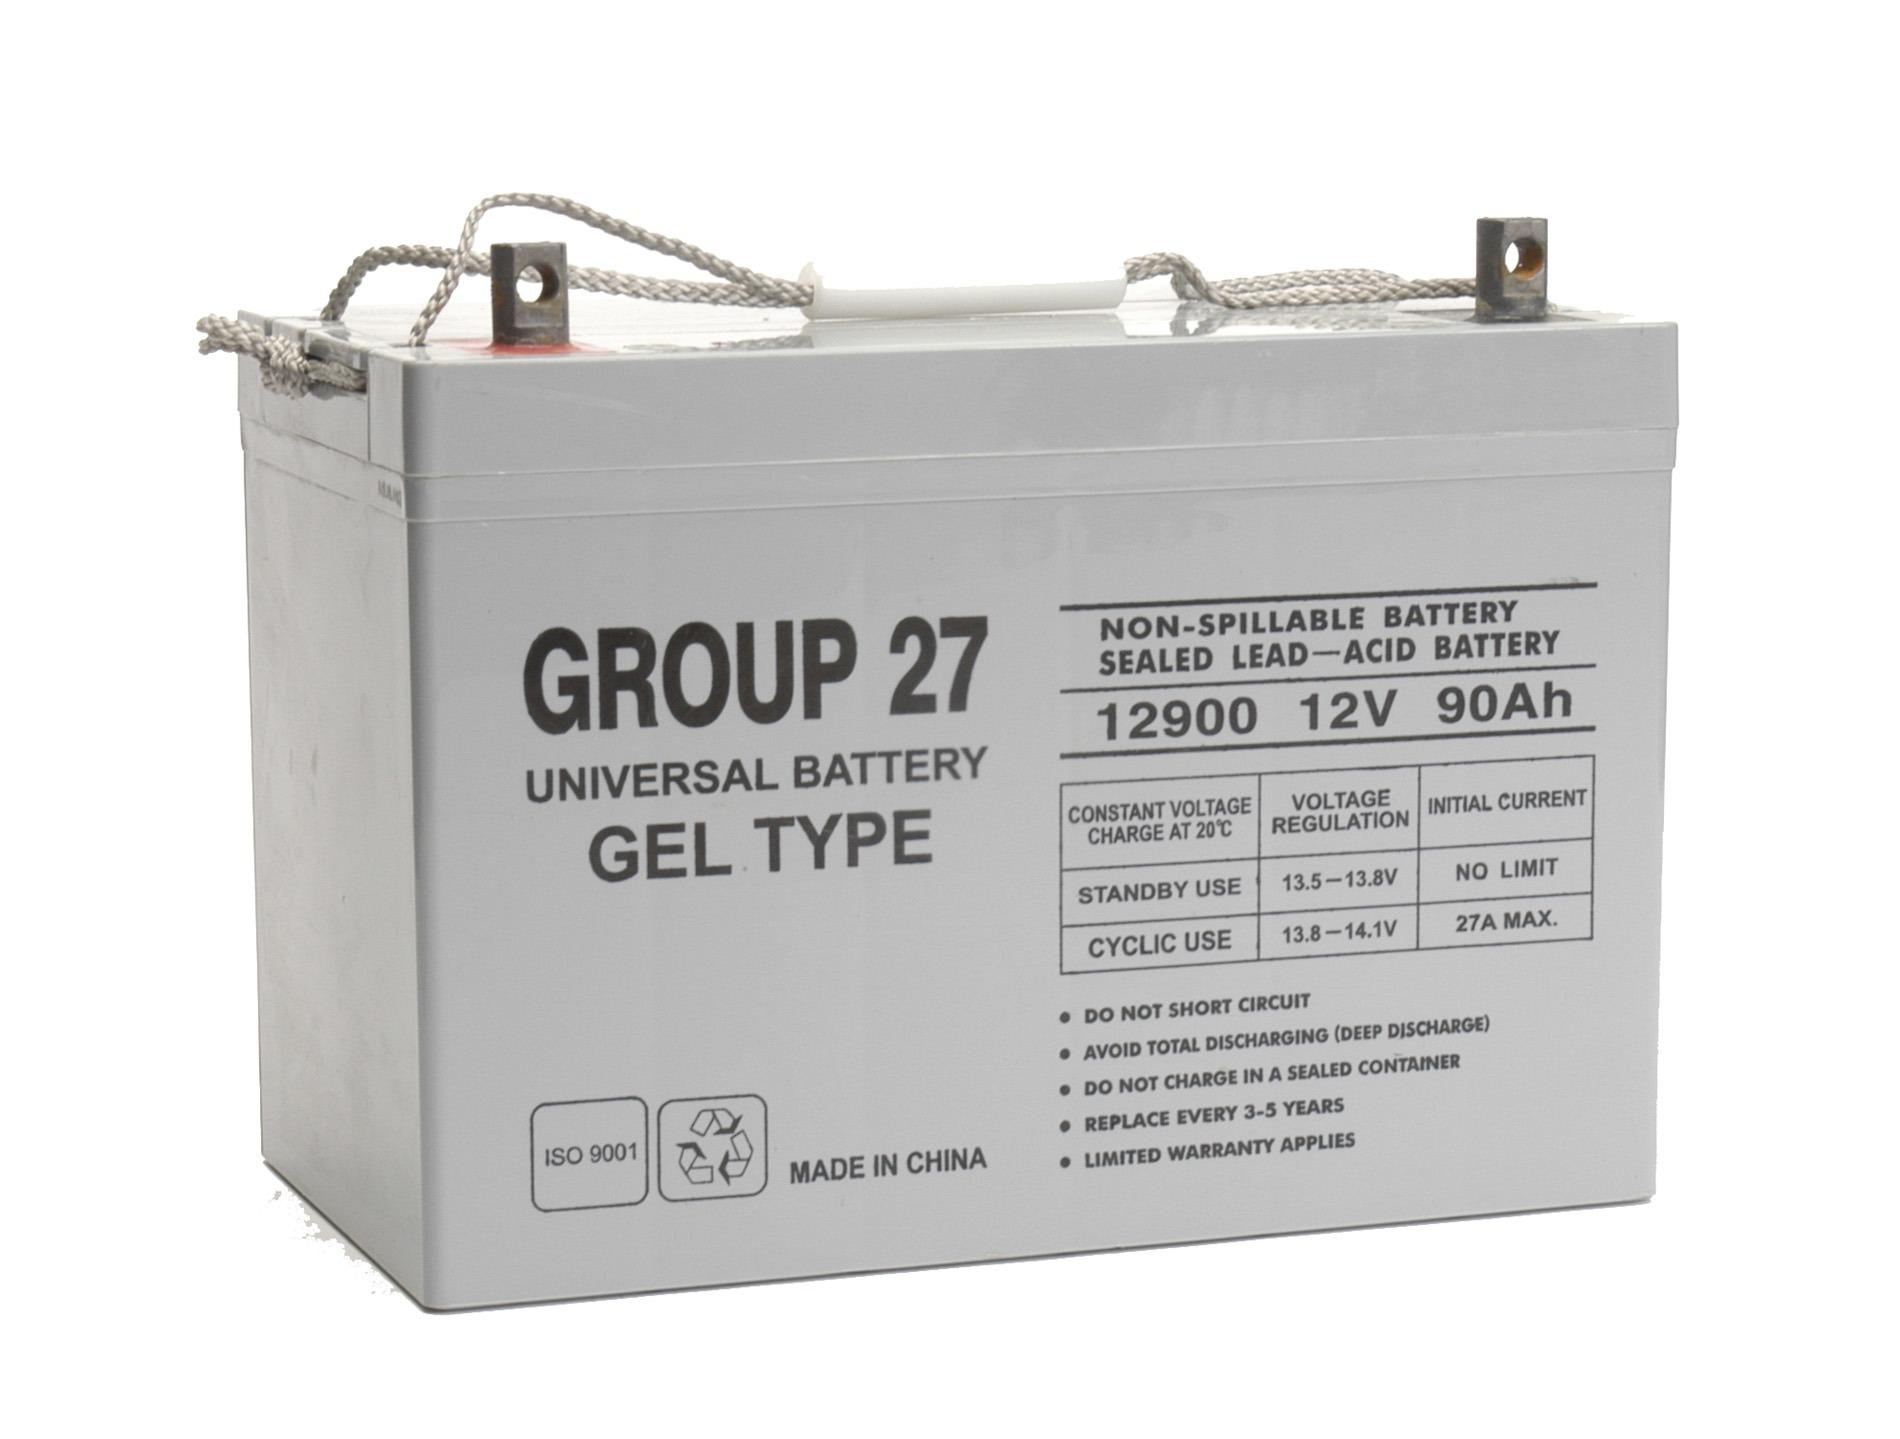 12v 90ah (Group 27) Gel Battery for Advance SW900 Floor Sweeper